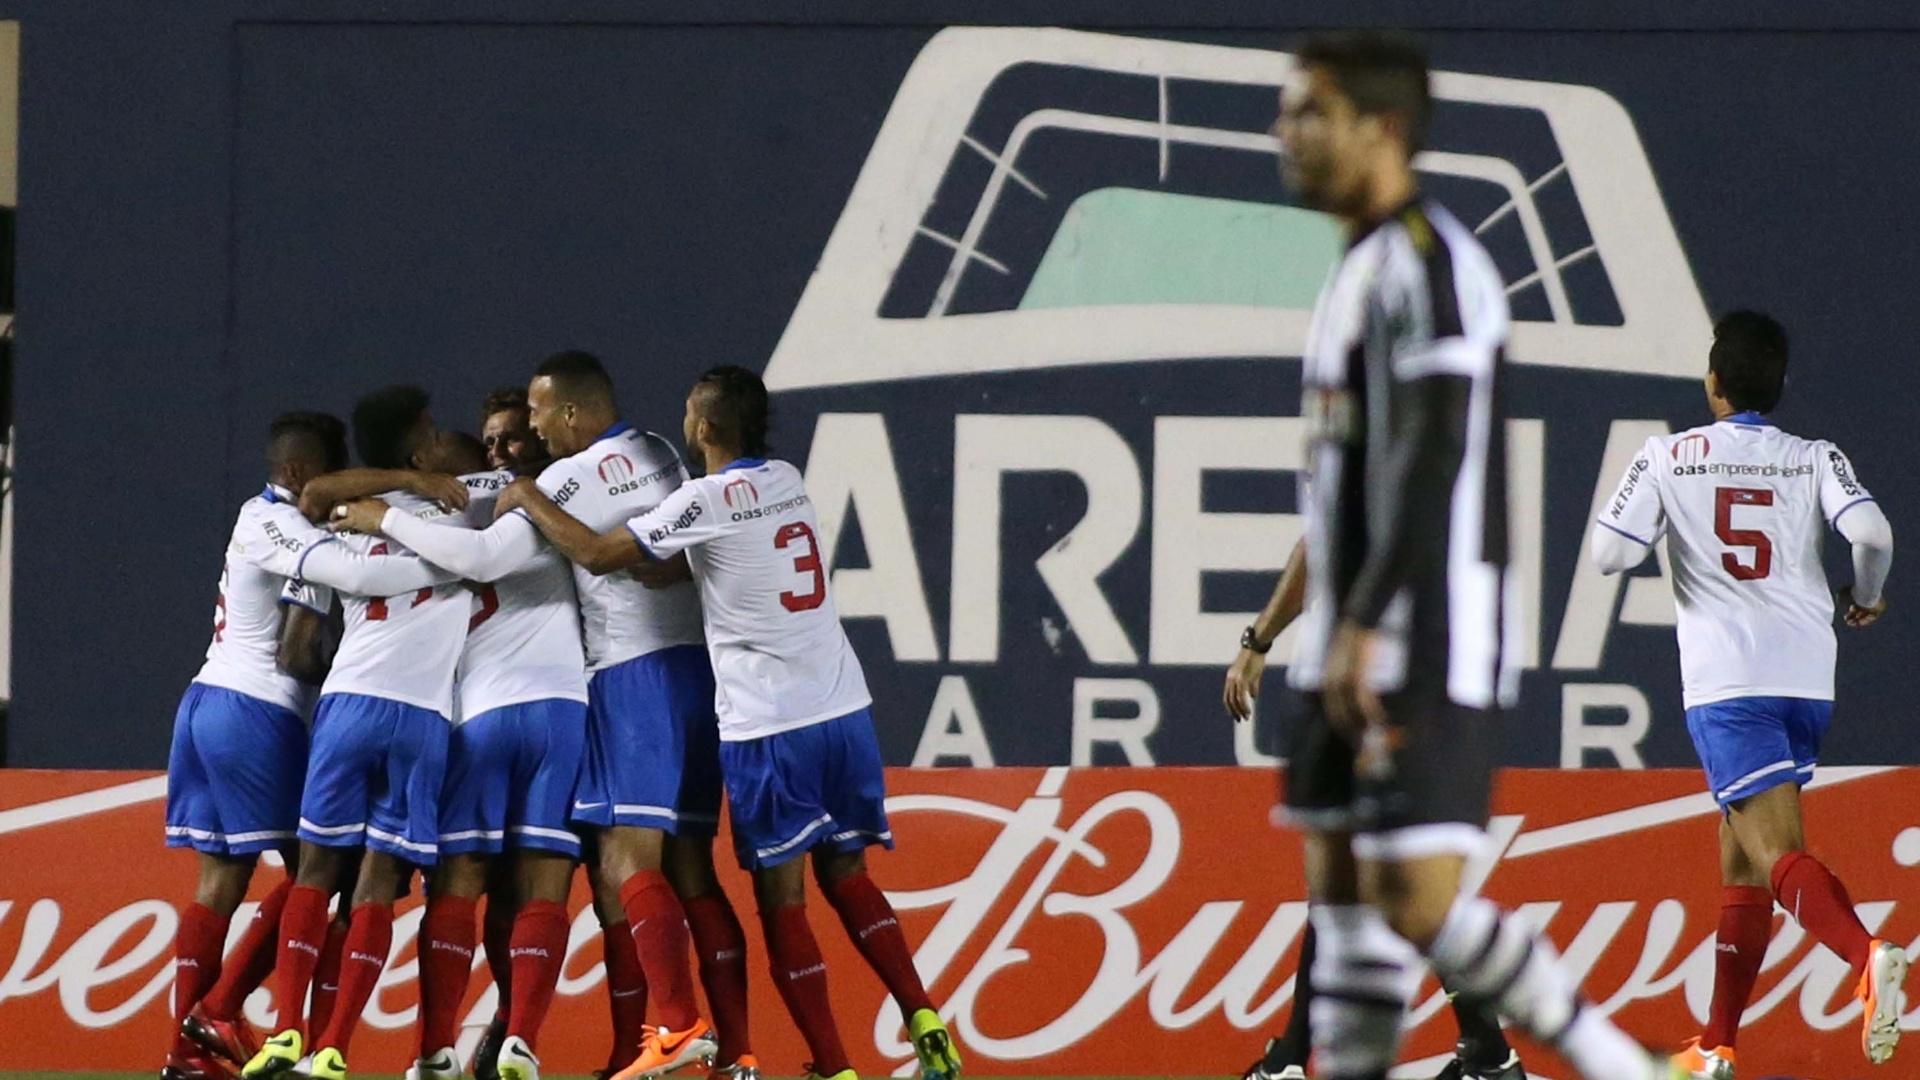 O jogador Lincoln, do Bahia, comemora gol durante a partida entre Figueirense e Bahia pelo Brasilerão